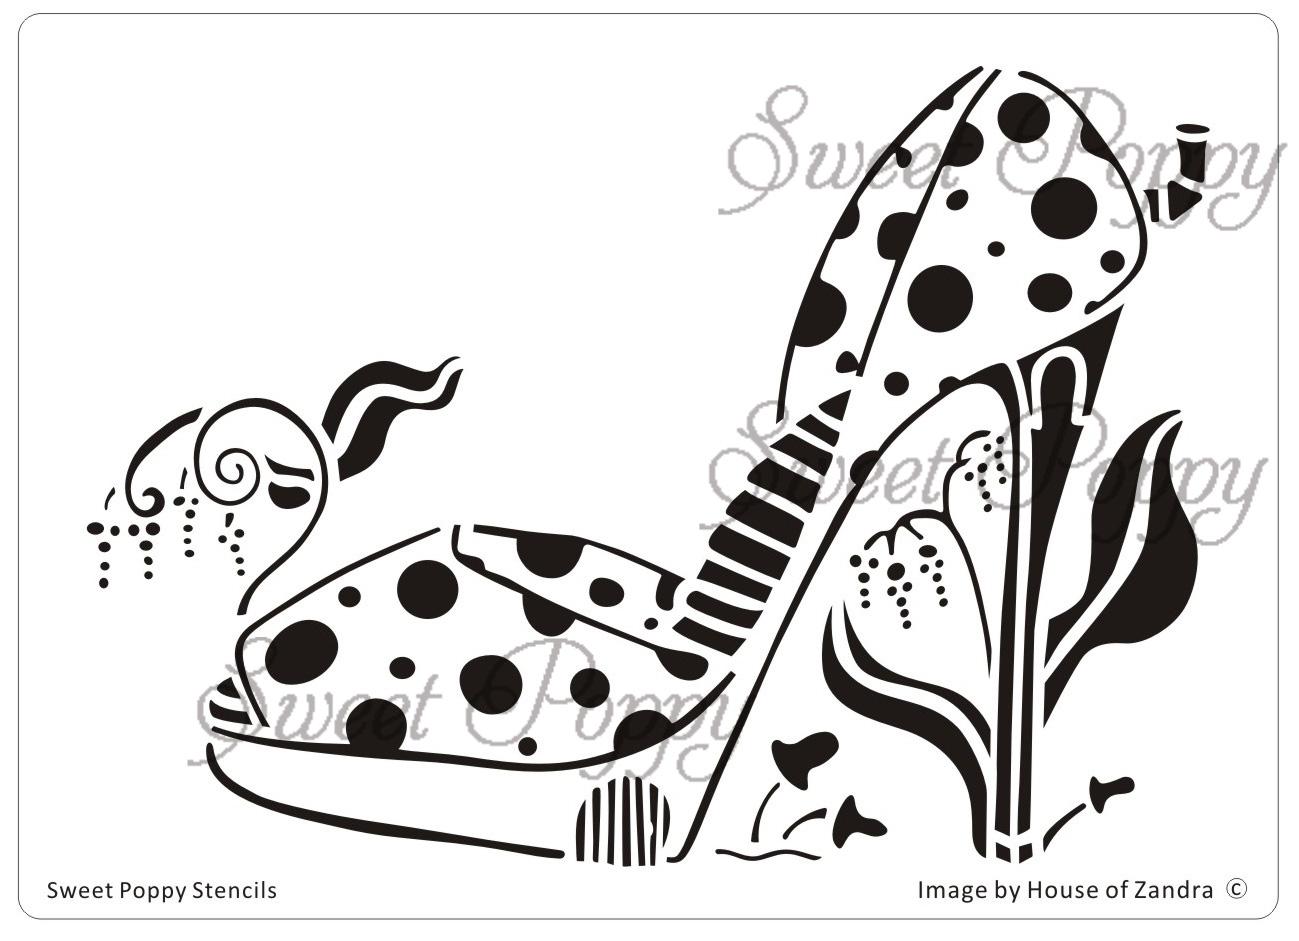 Sweet Poppy Stencil: Shoe 4